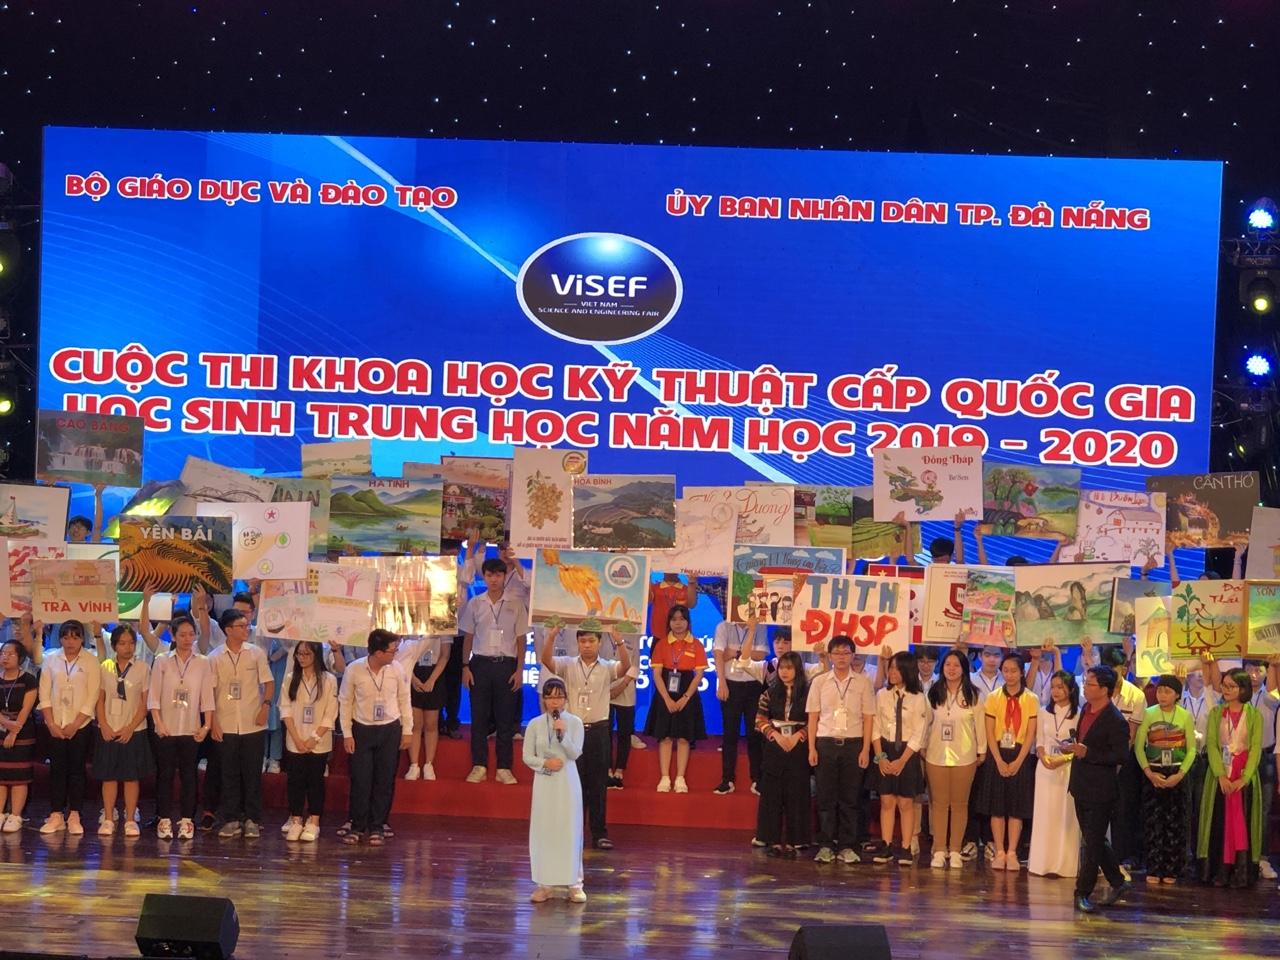 Dự án ATBOT – Giải pháp Robot tiện ích dành cho người Việt, đạt giải Nhì cuộc thi KHKT cấp quốc gia học sinh trung học năm học 2019-2020.